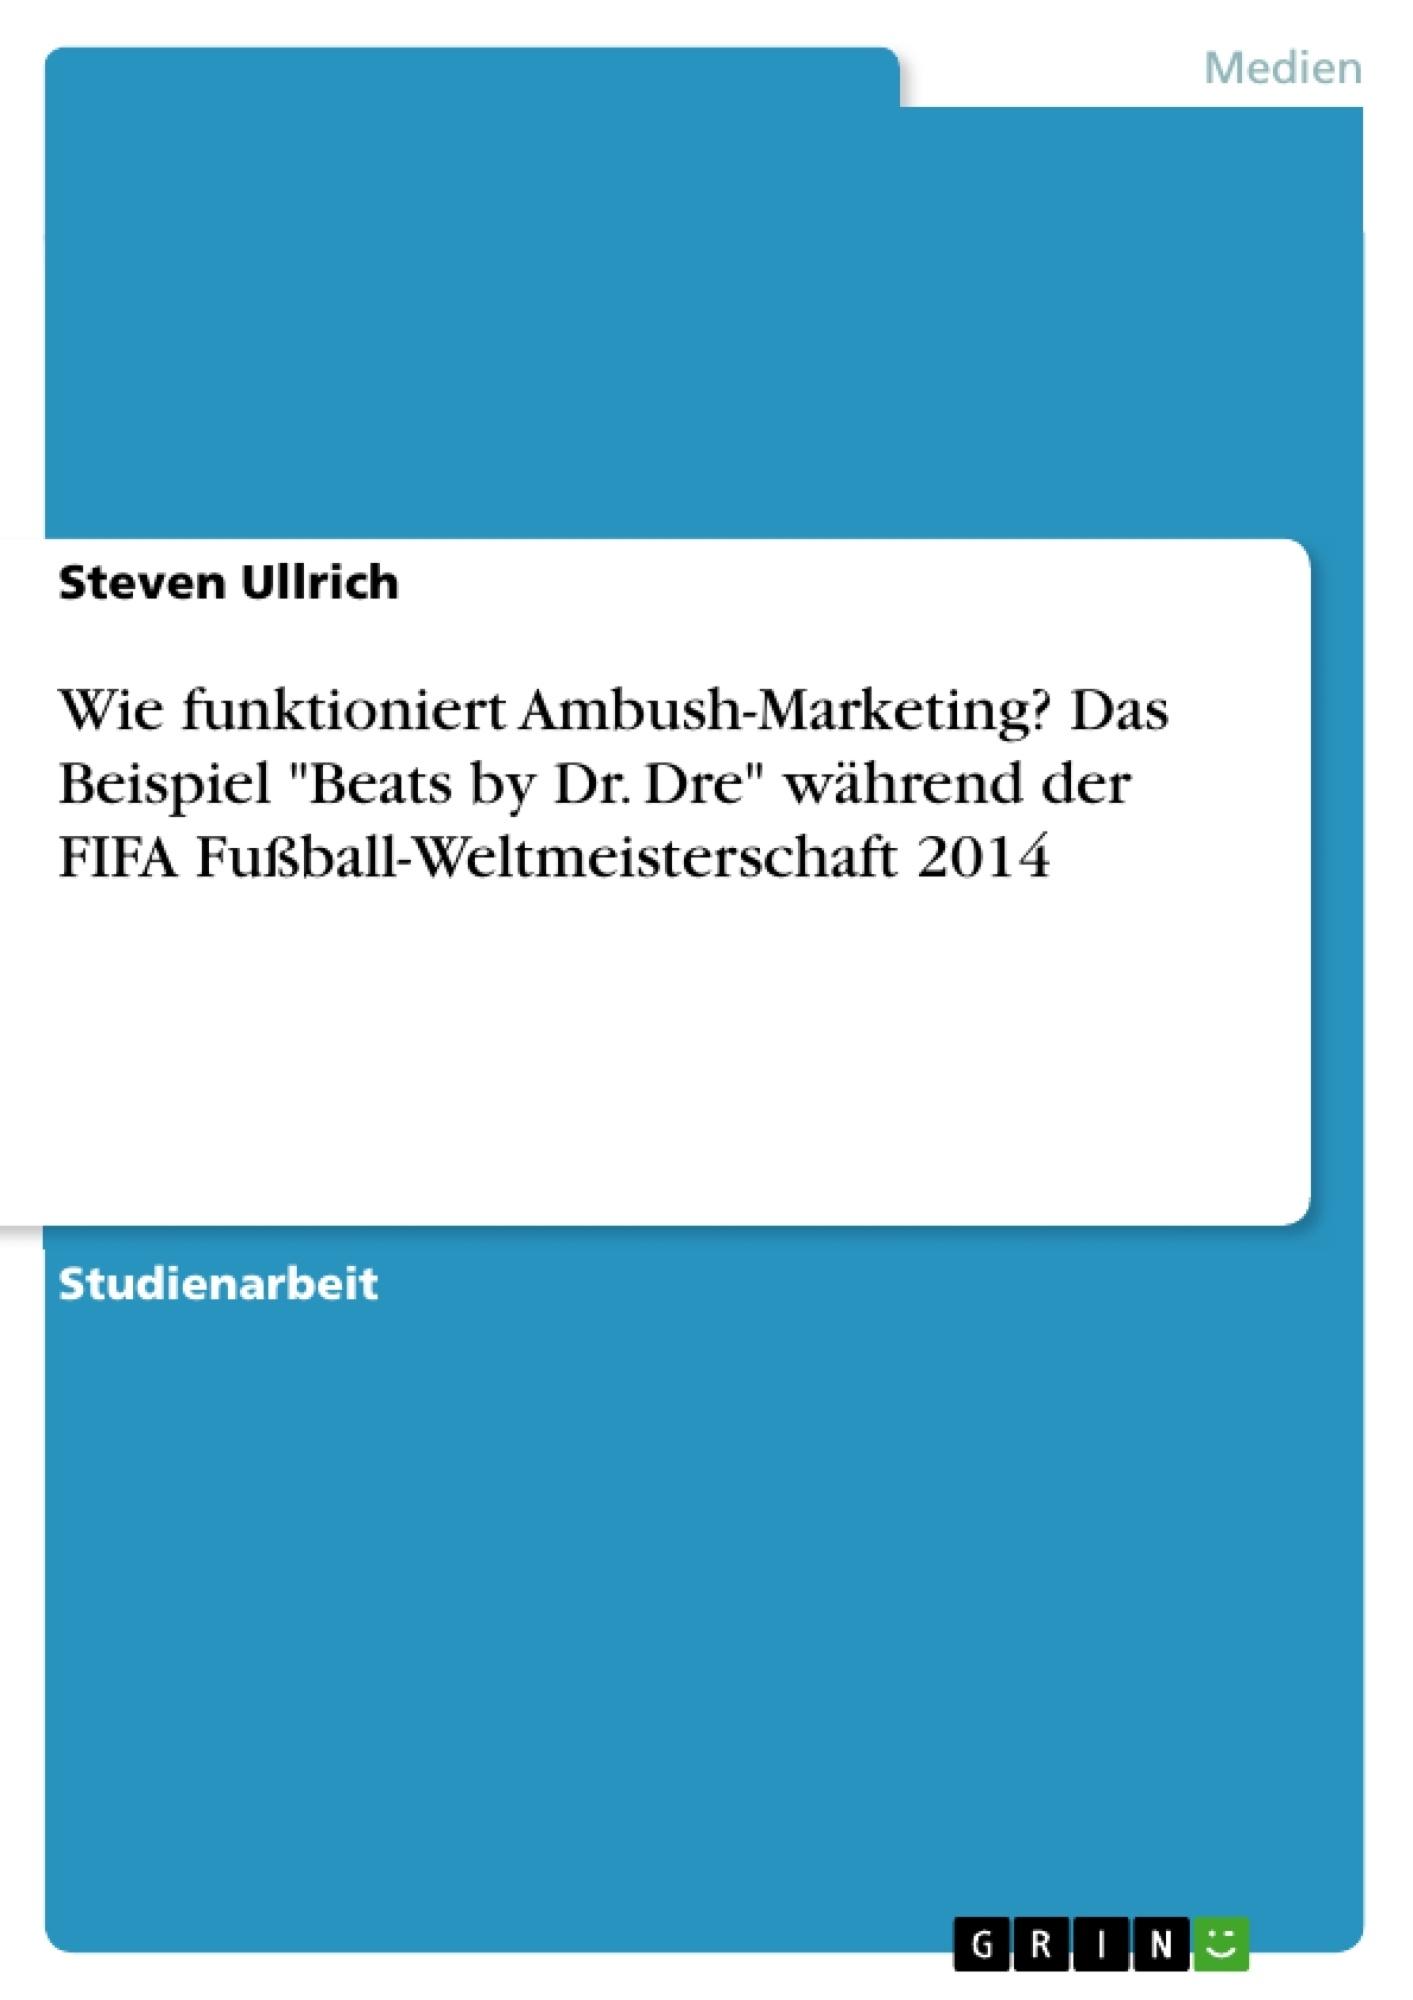 """Titel: Wie funktioniert Ambush-Marketing? Das Beispiel """"Beats by Dr. Dre"""" während der FIFA Fußball-Weltmeisterschaft 2014"""